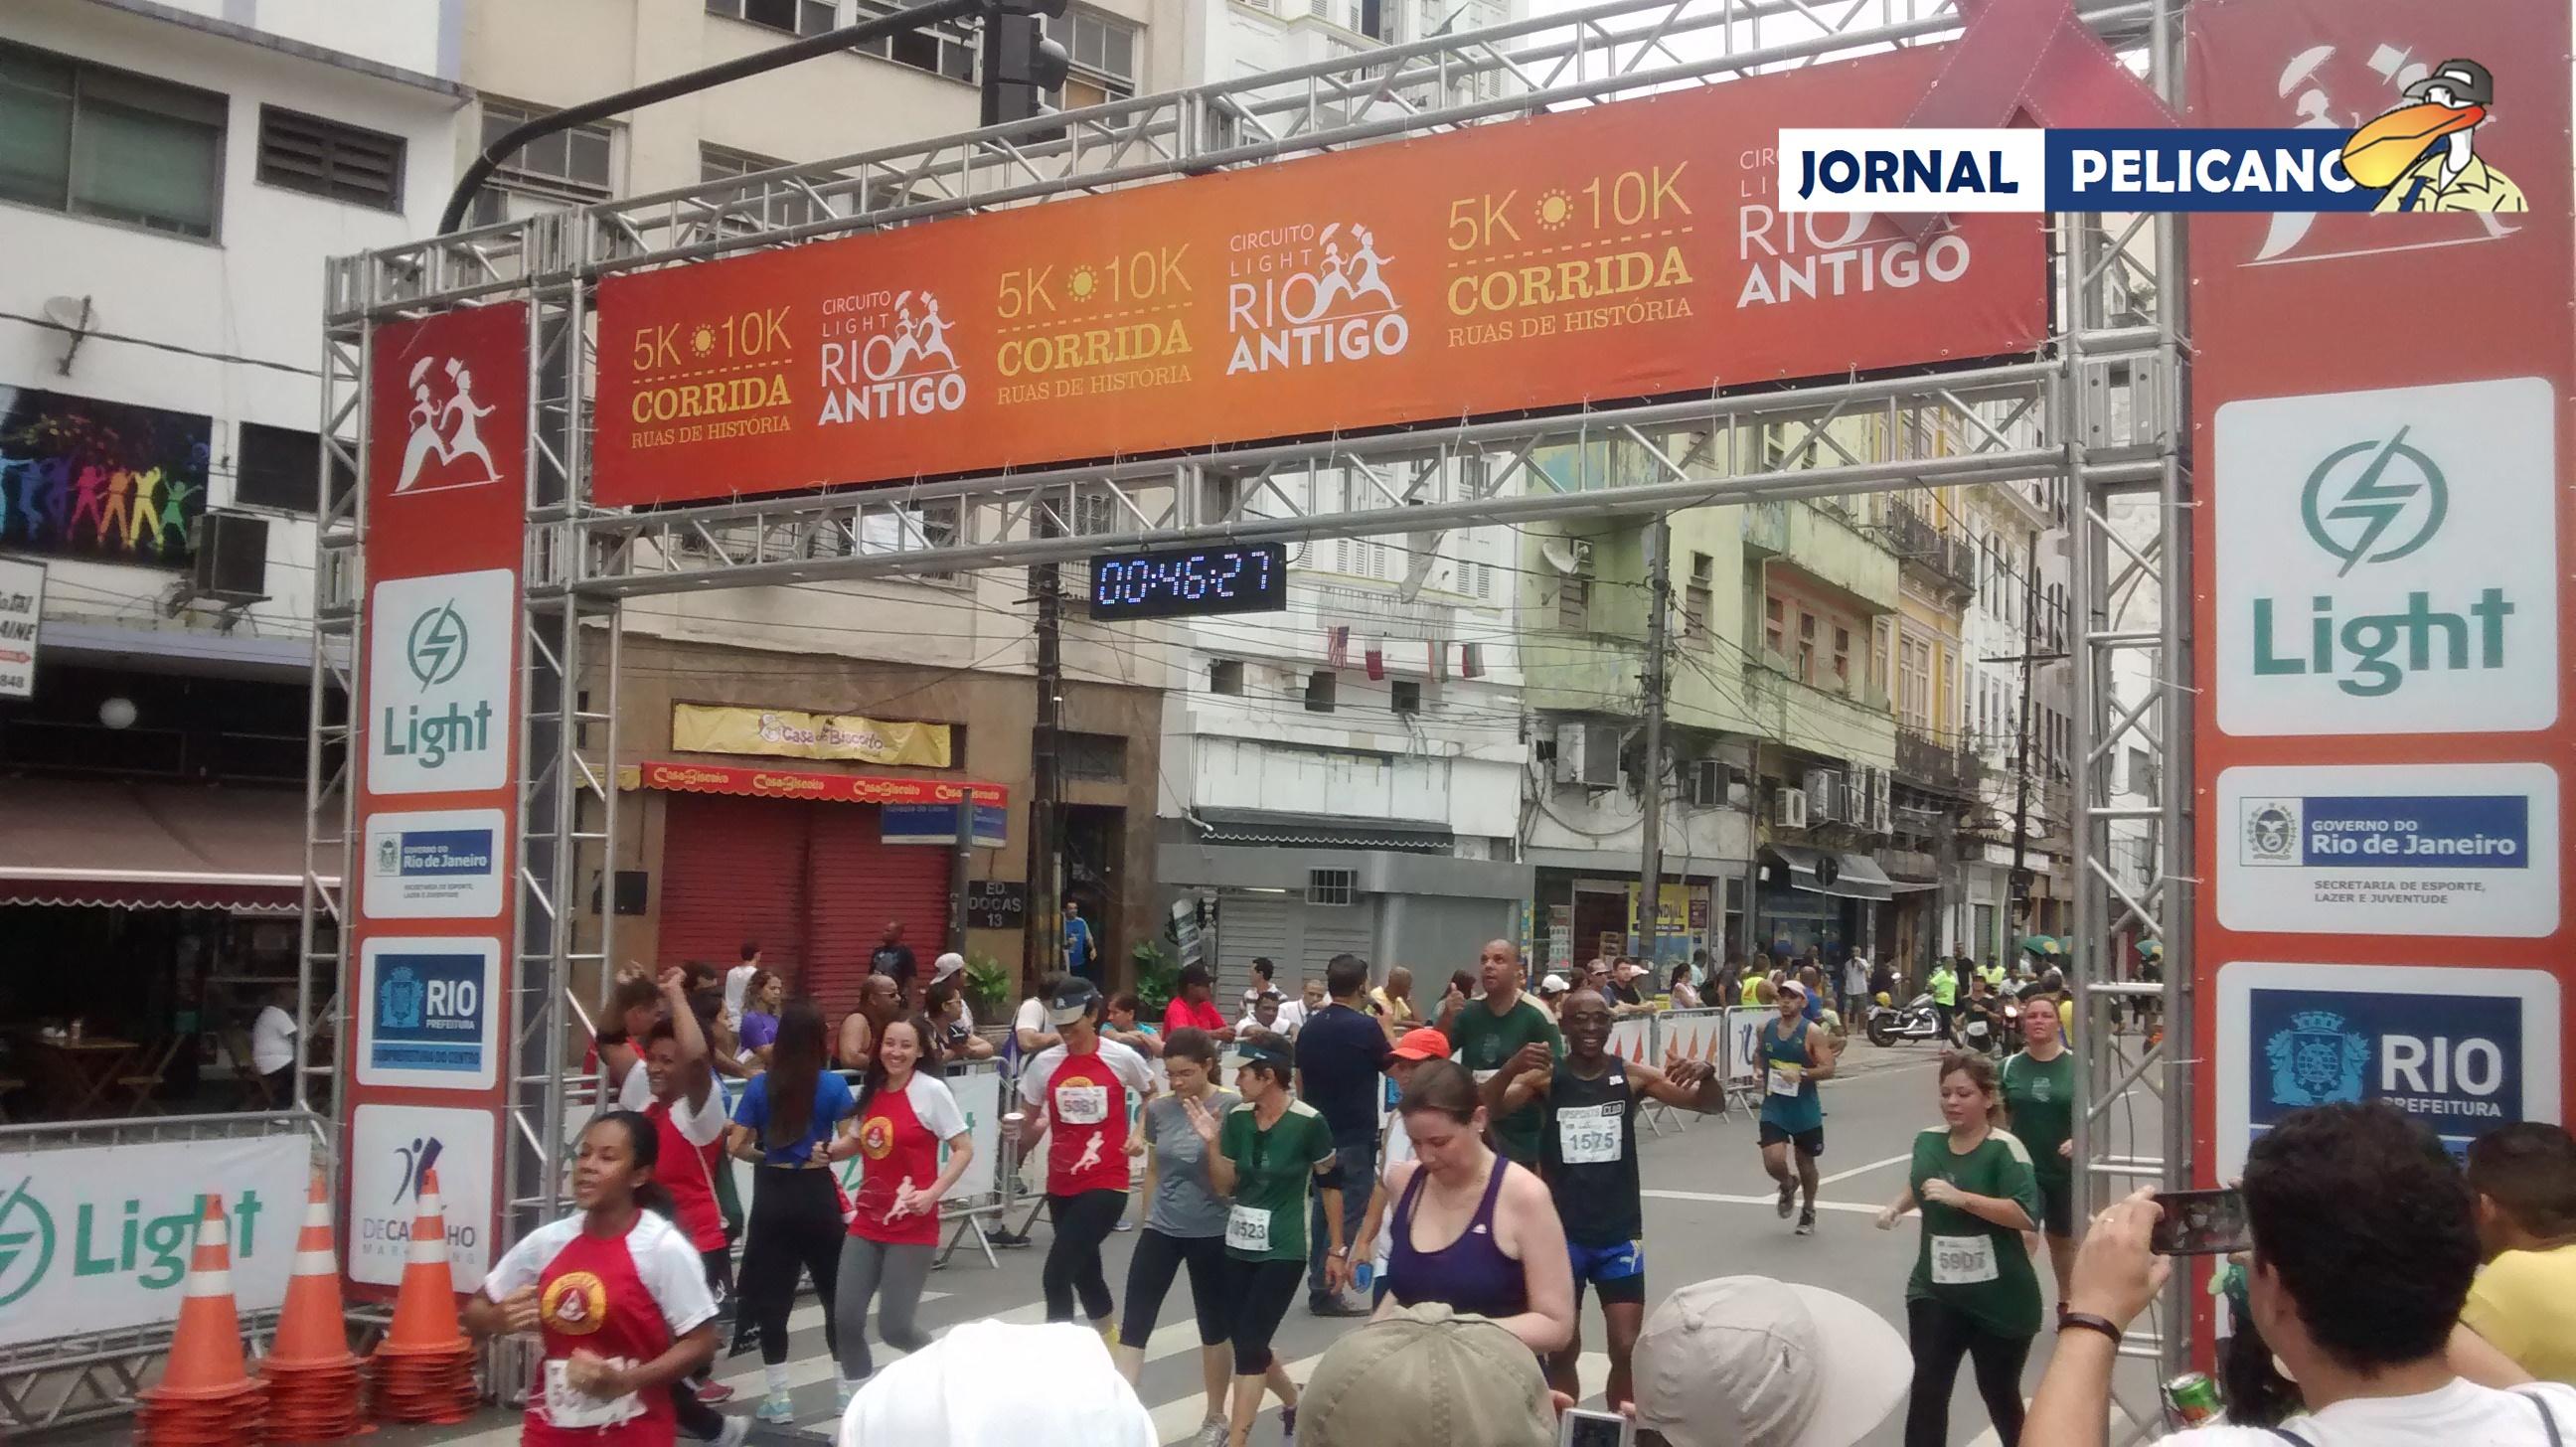 Circuito Rio Antigo : Alunos da efomm participam da corrida rio antigo jornal pelicano